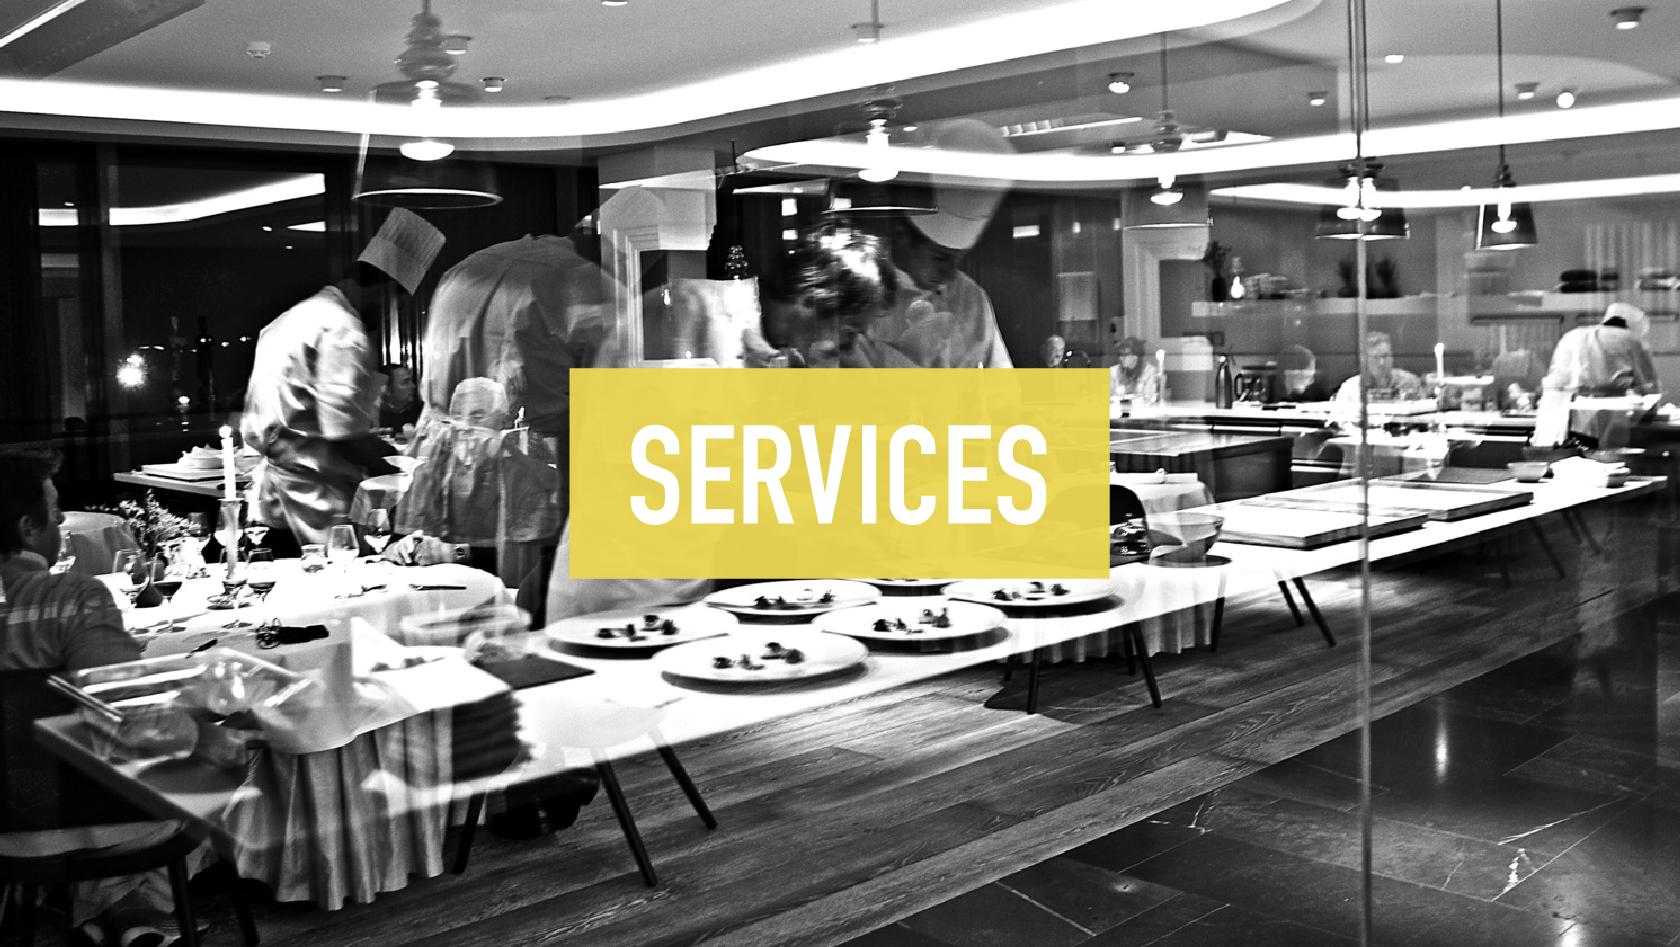 servicesbanner-01-01.png